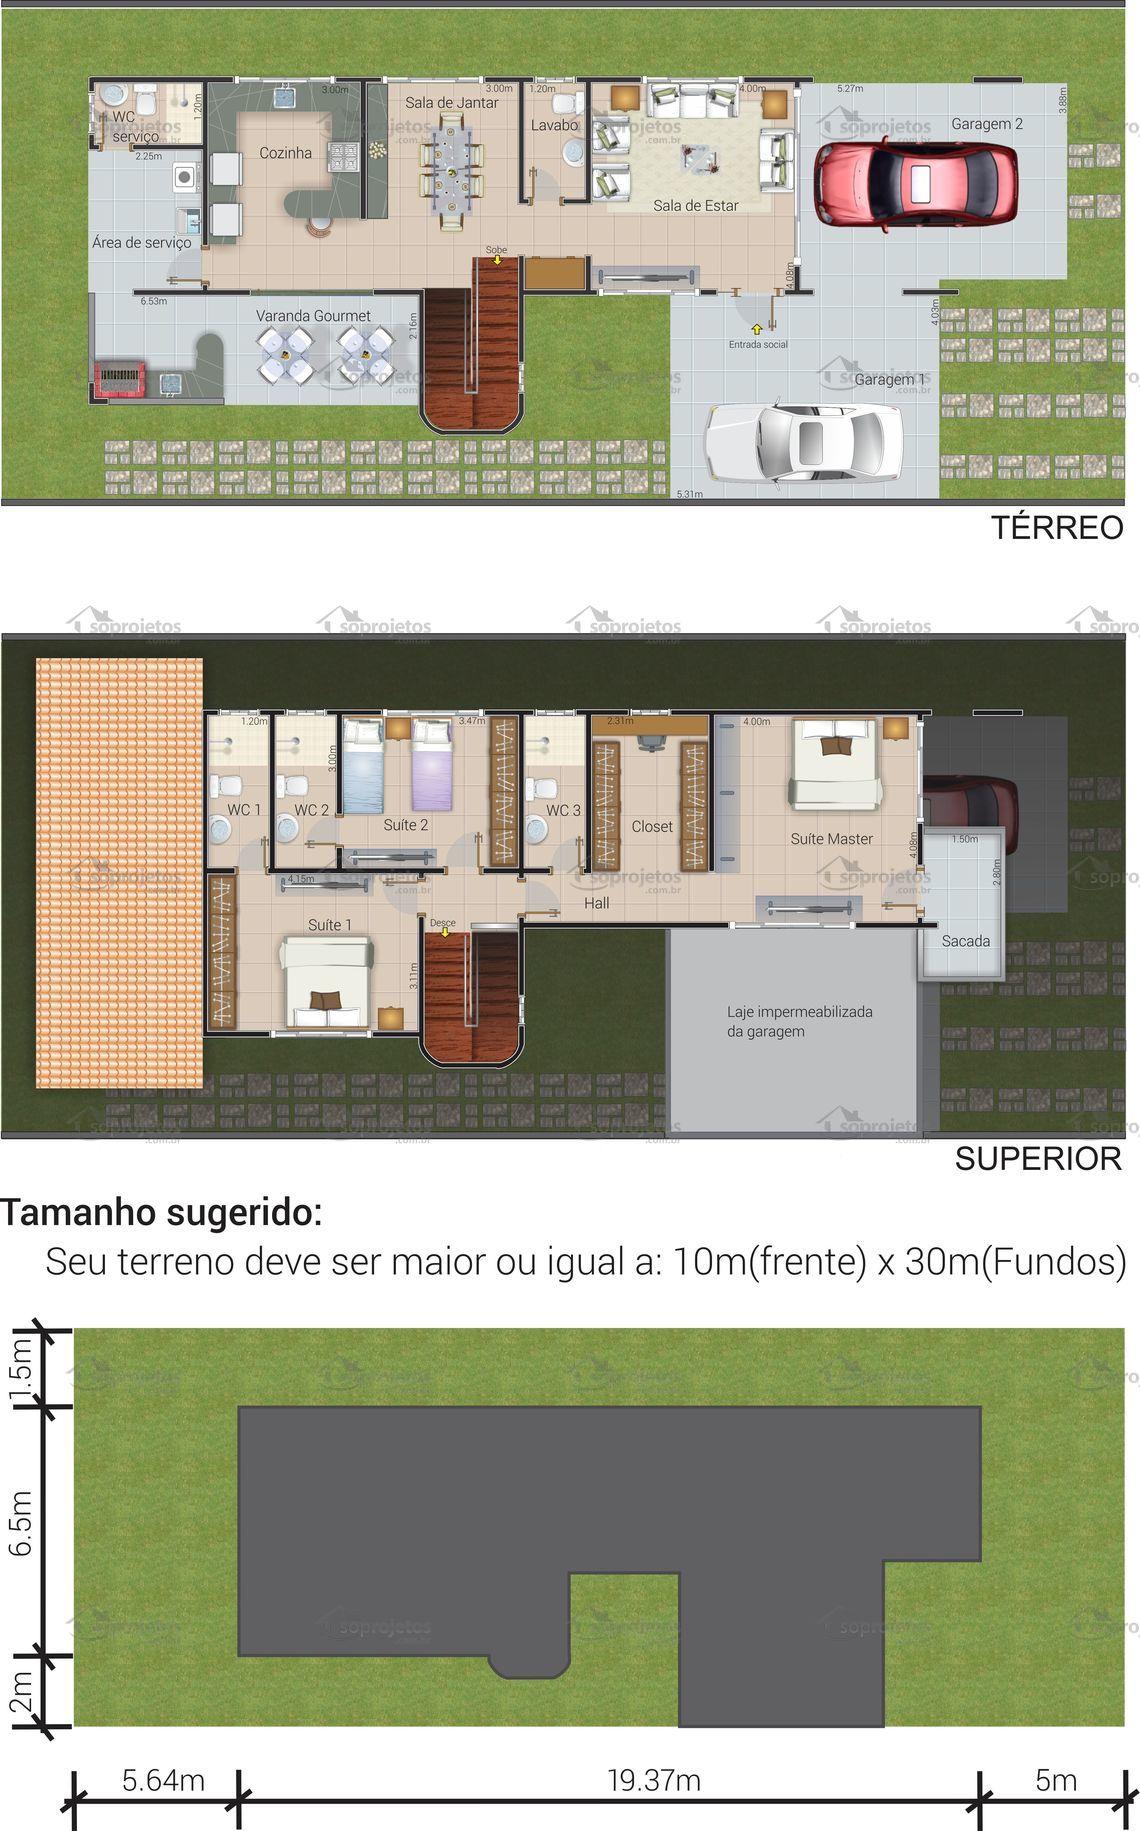 Planta De Sobrado Em L Cerrada Providencia Casas Rucer With Planta